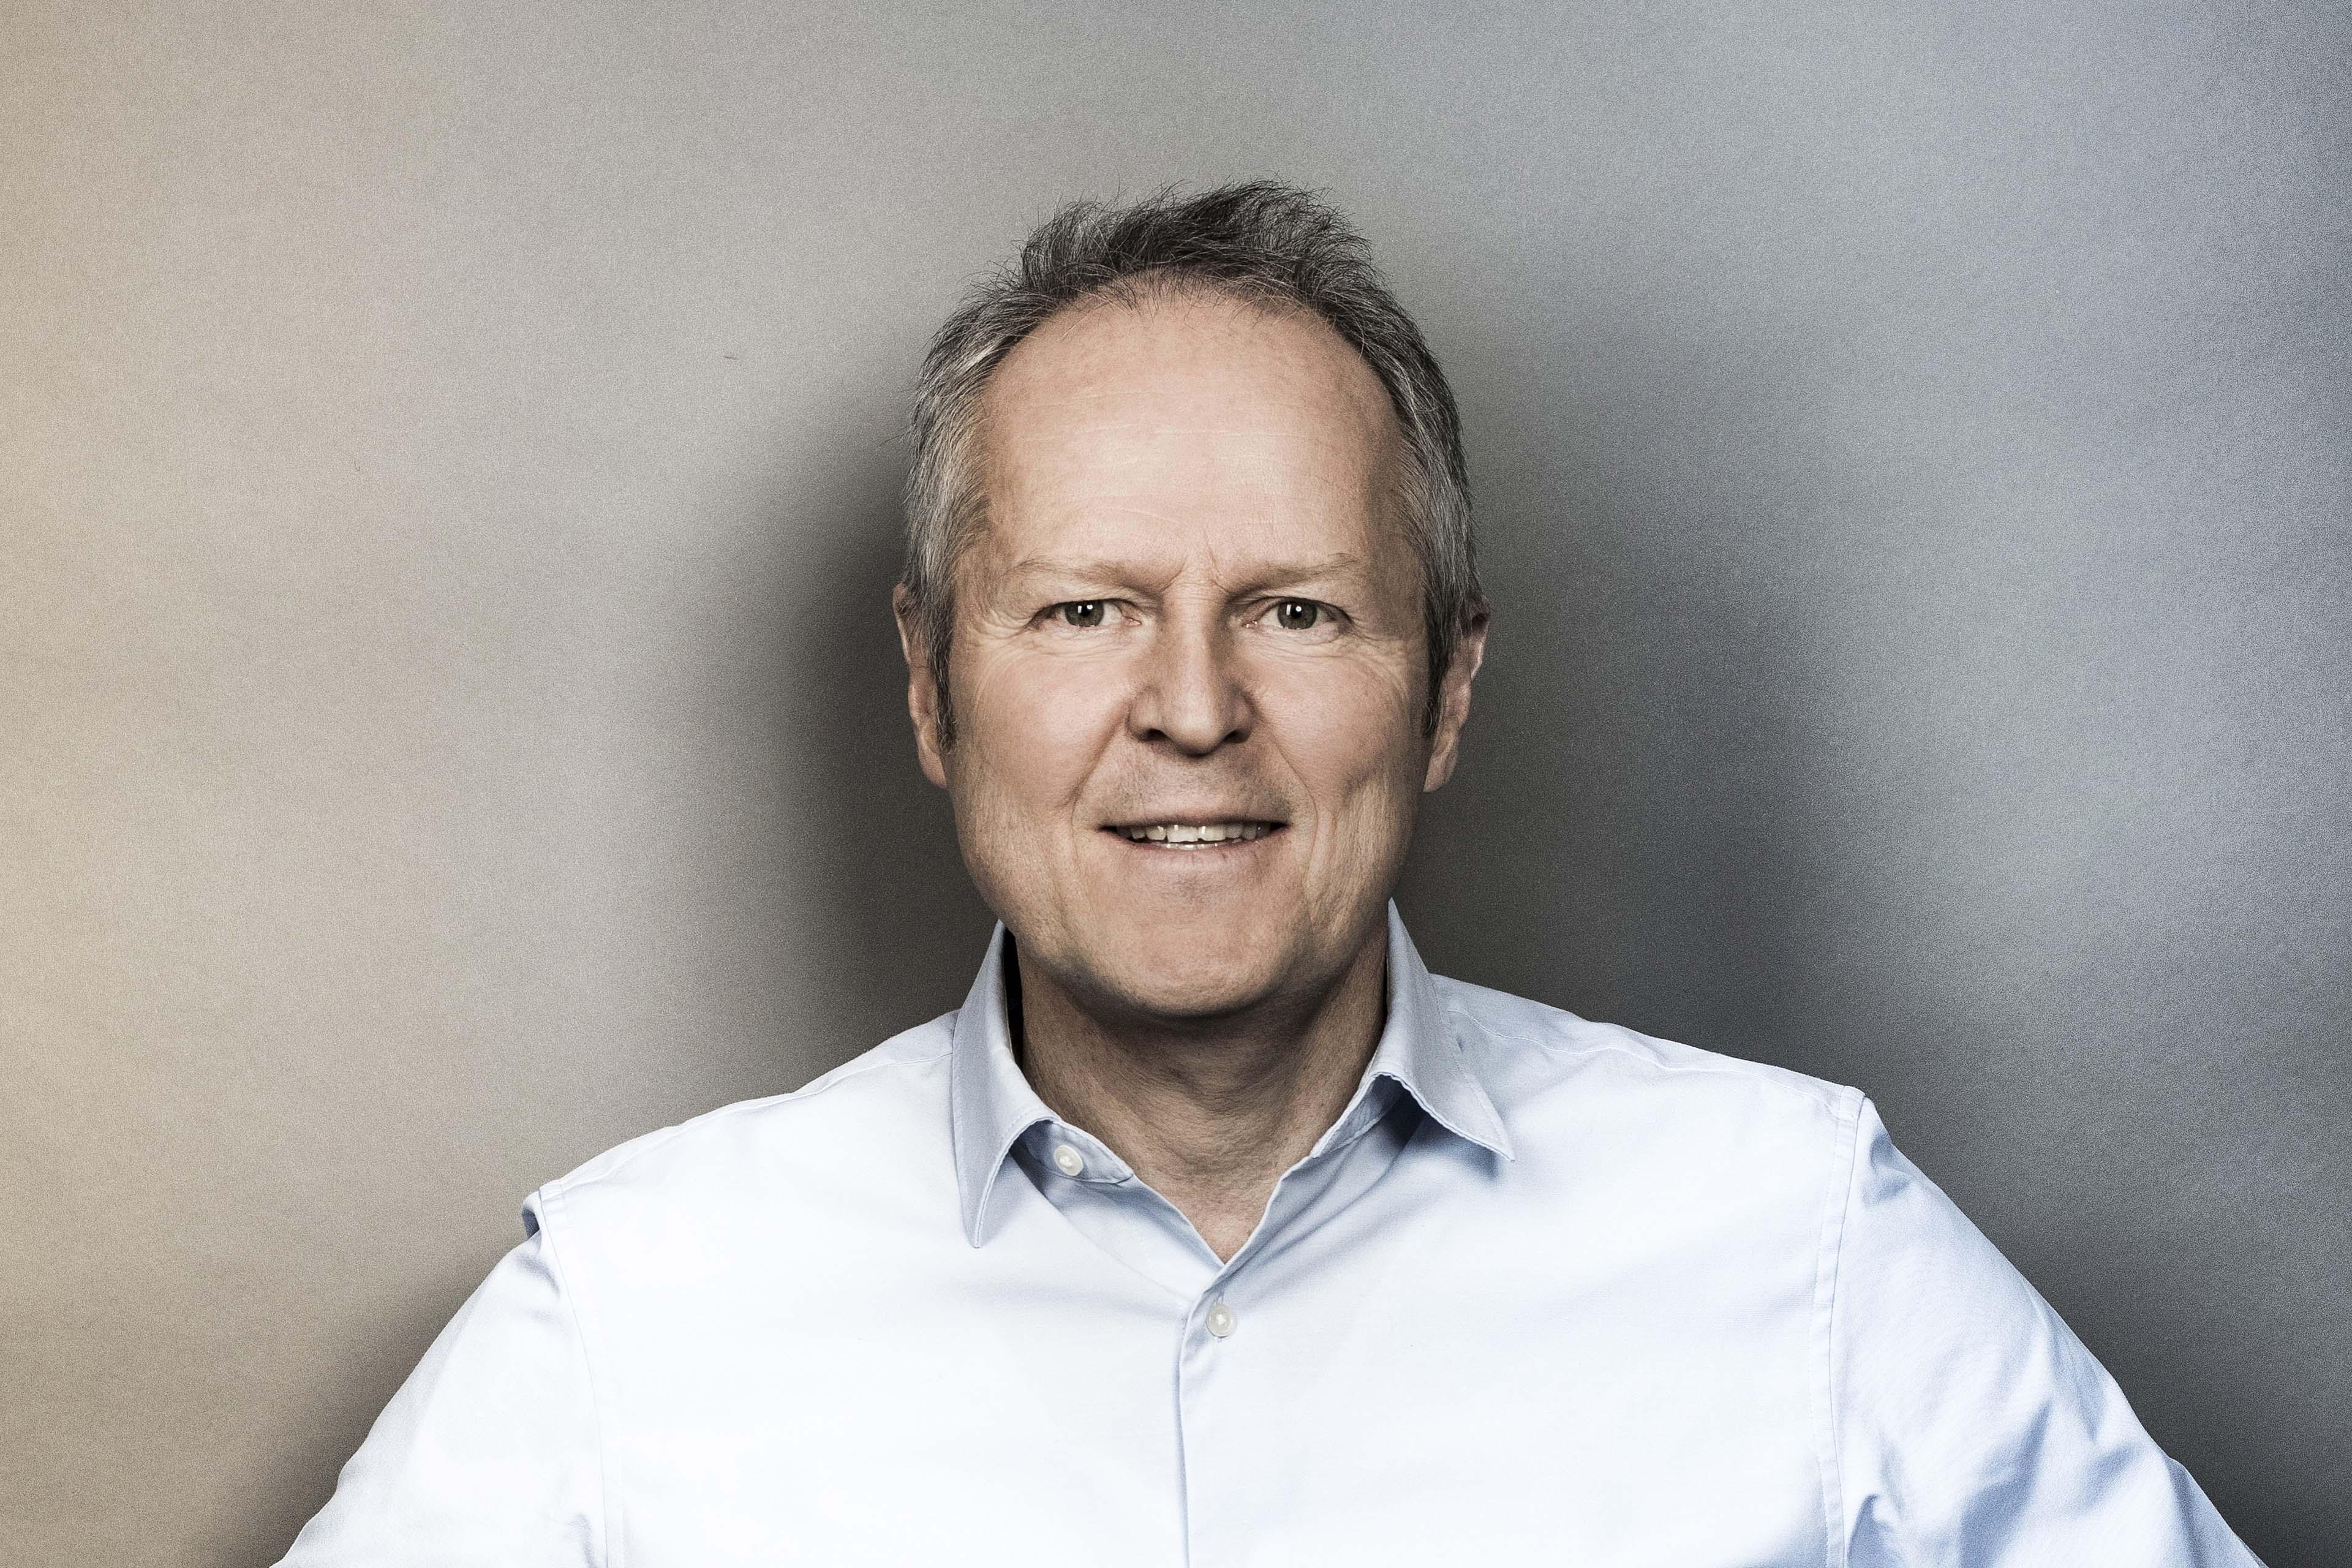 2019 Entrepreneur Yves Guillemot